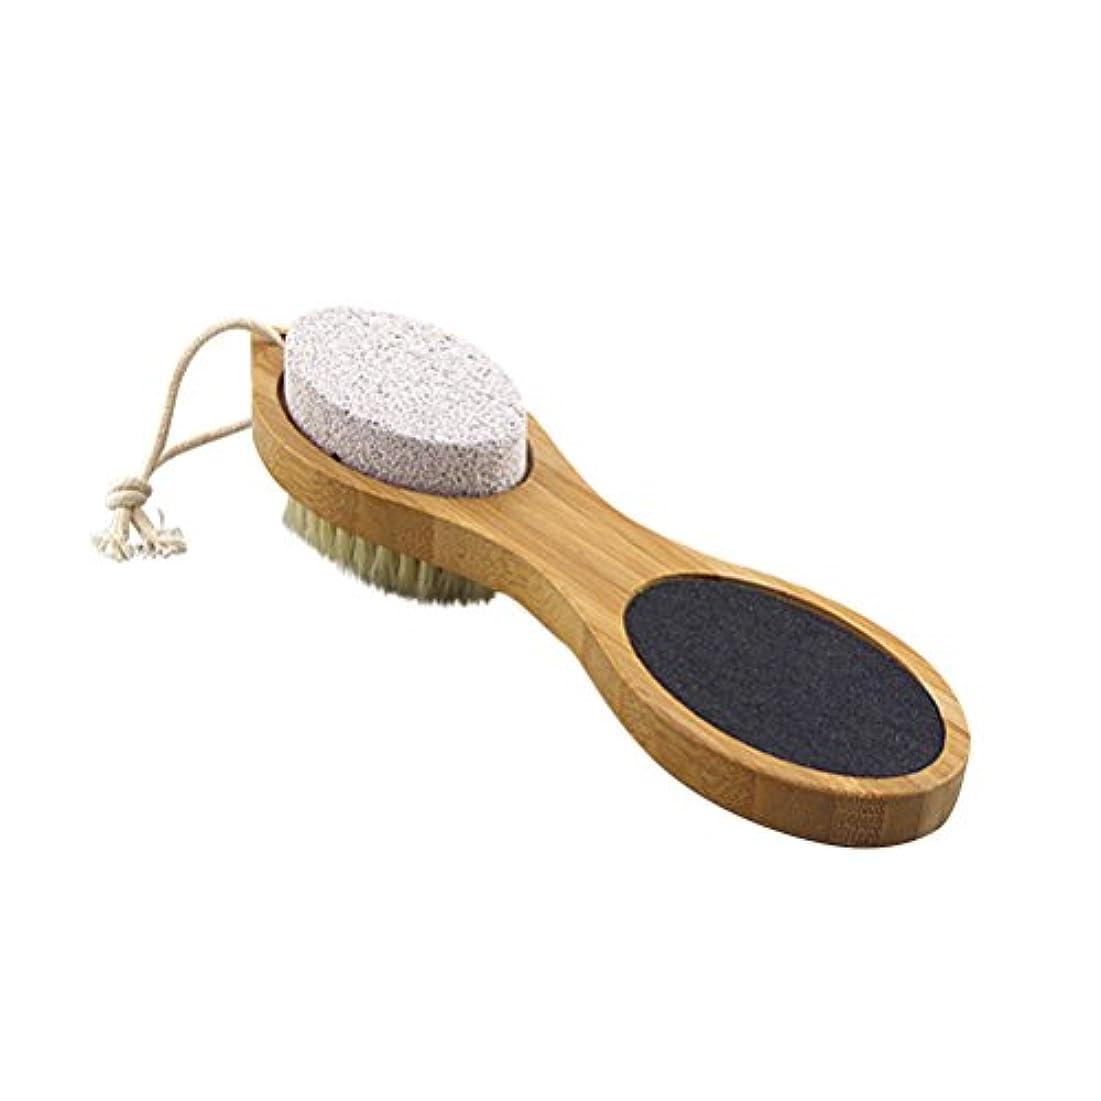 ベーコンアシストオークションULTNICE 足ブラシ 角質除去 毛ブラシ?砂ブラシ?軽石ブラシ?鋼ブラシ ボディブラシ フットマッサージ